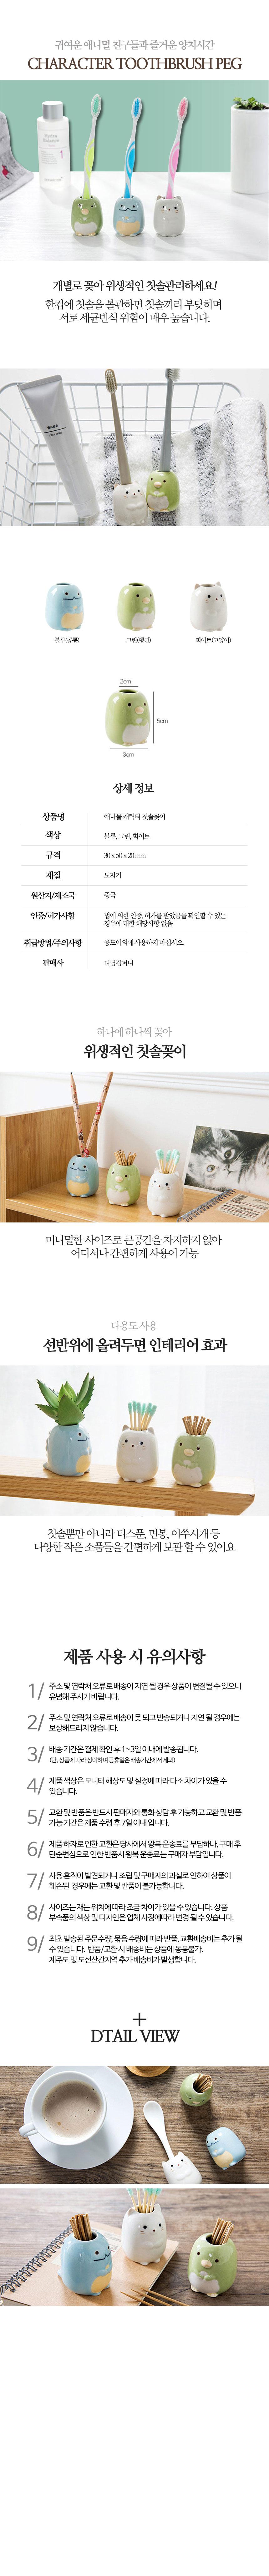 애니몰 캐릭터 칫솔꽂이(블루,그린,화이트) - 룸바이디자인, 8,200원, 정리용품/청소, 욕실선반/걸이